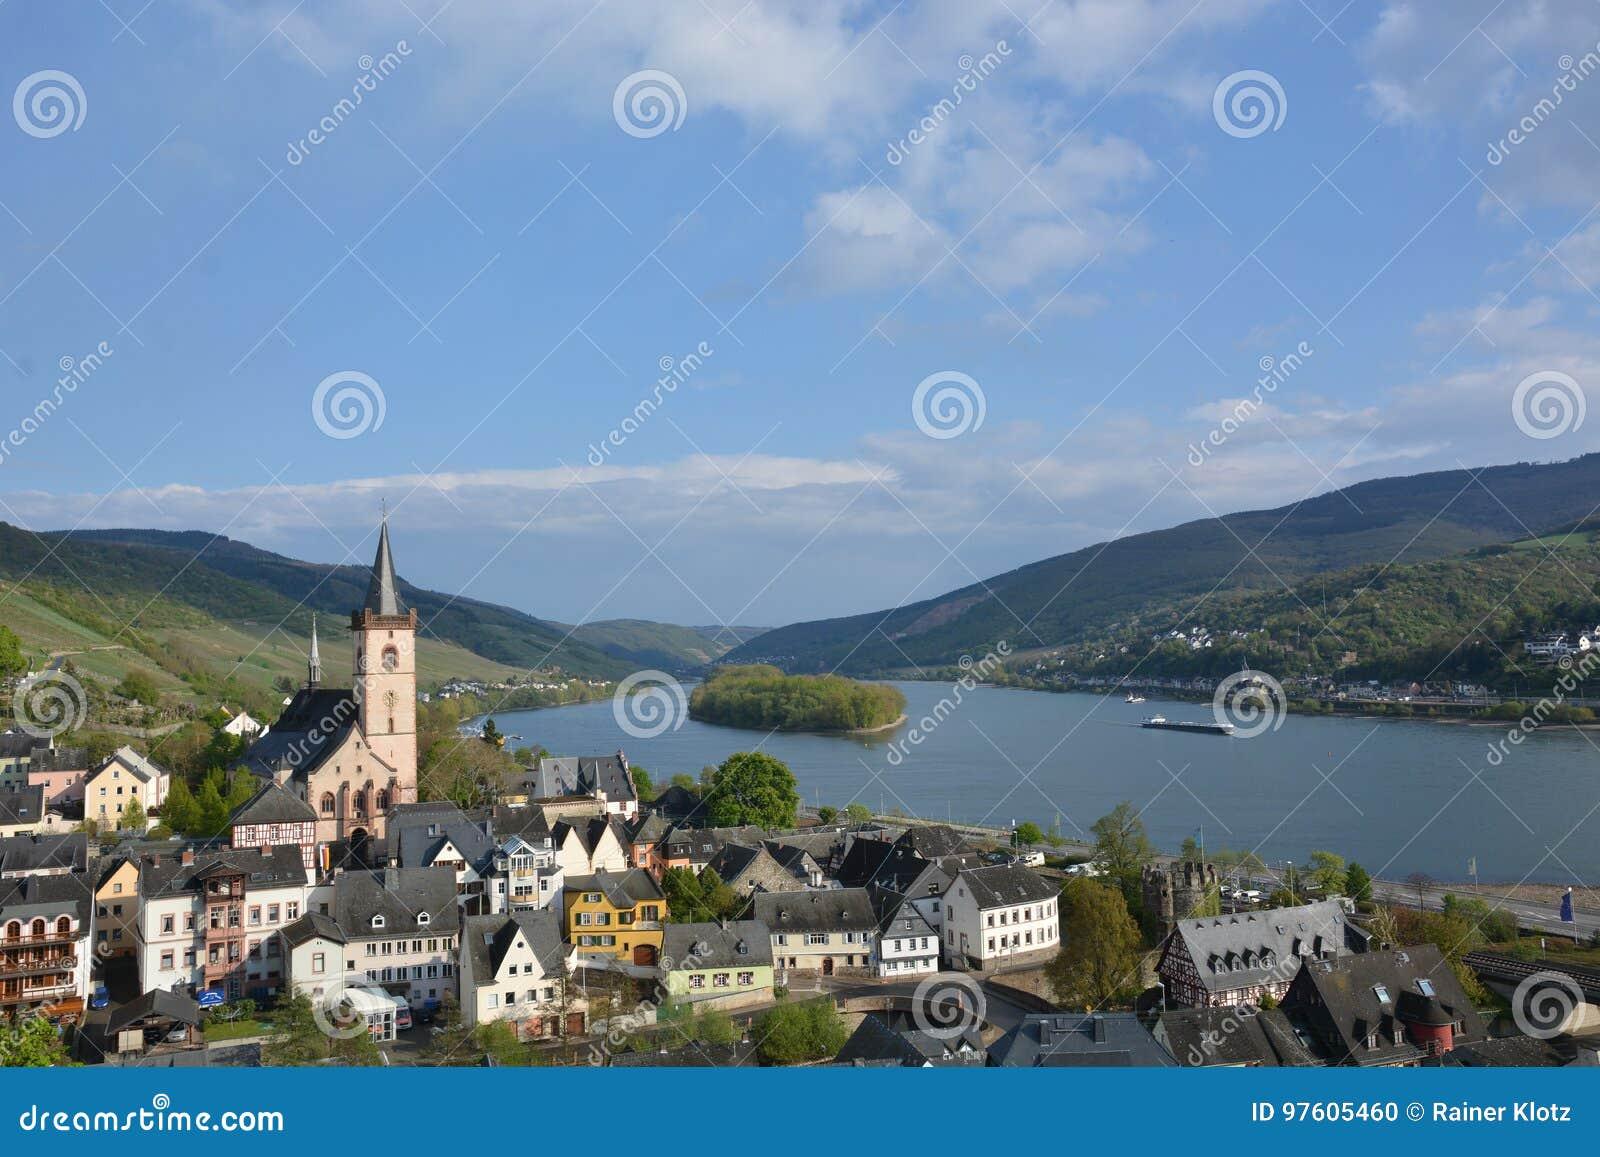 Fluss Mit J Deutschland